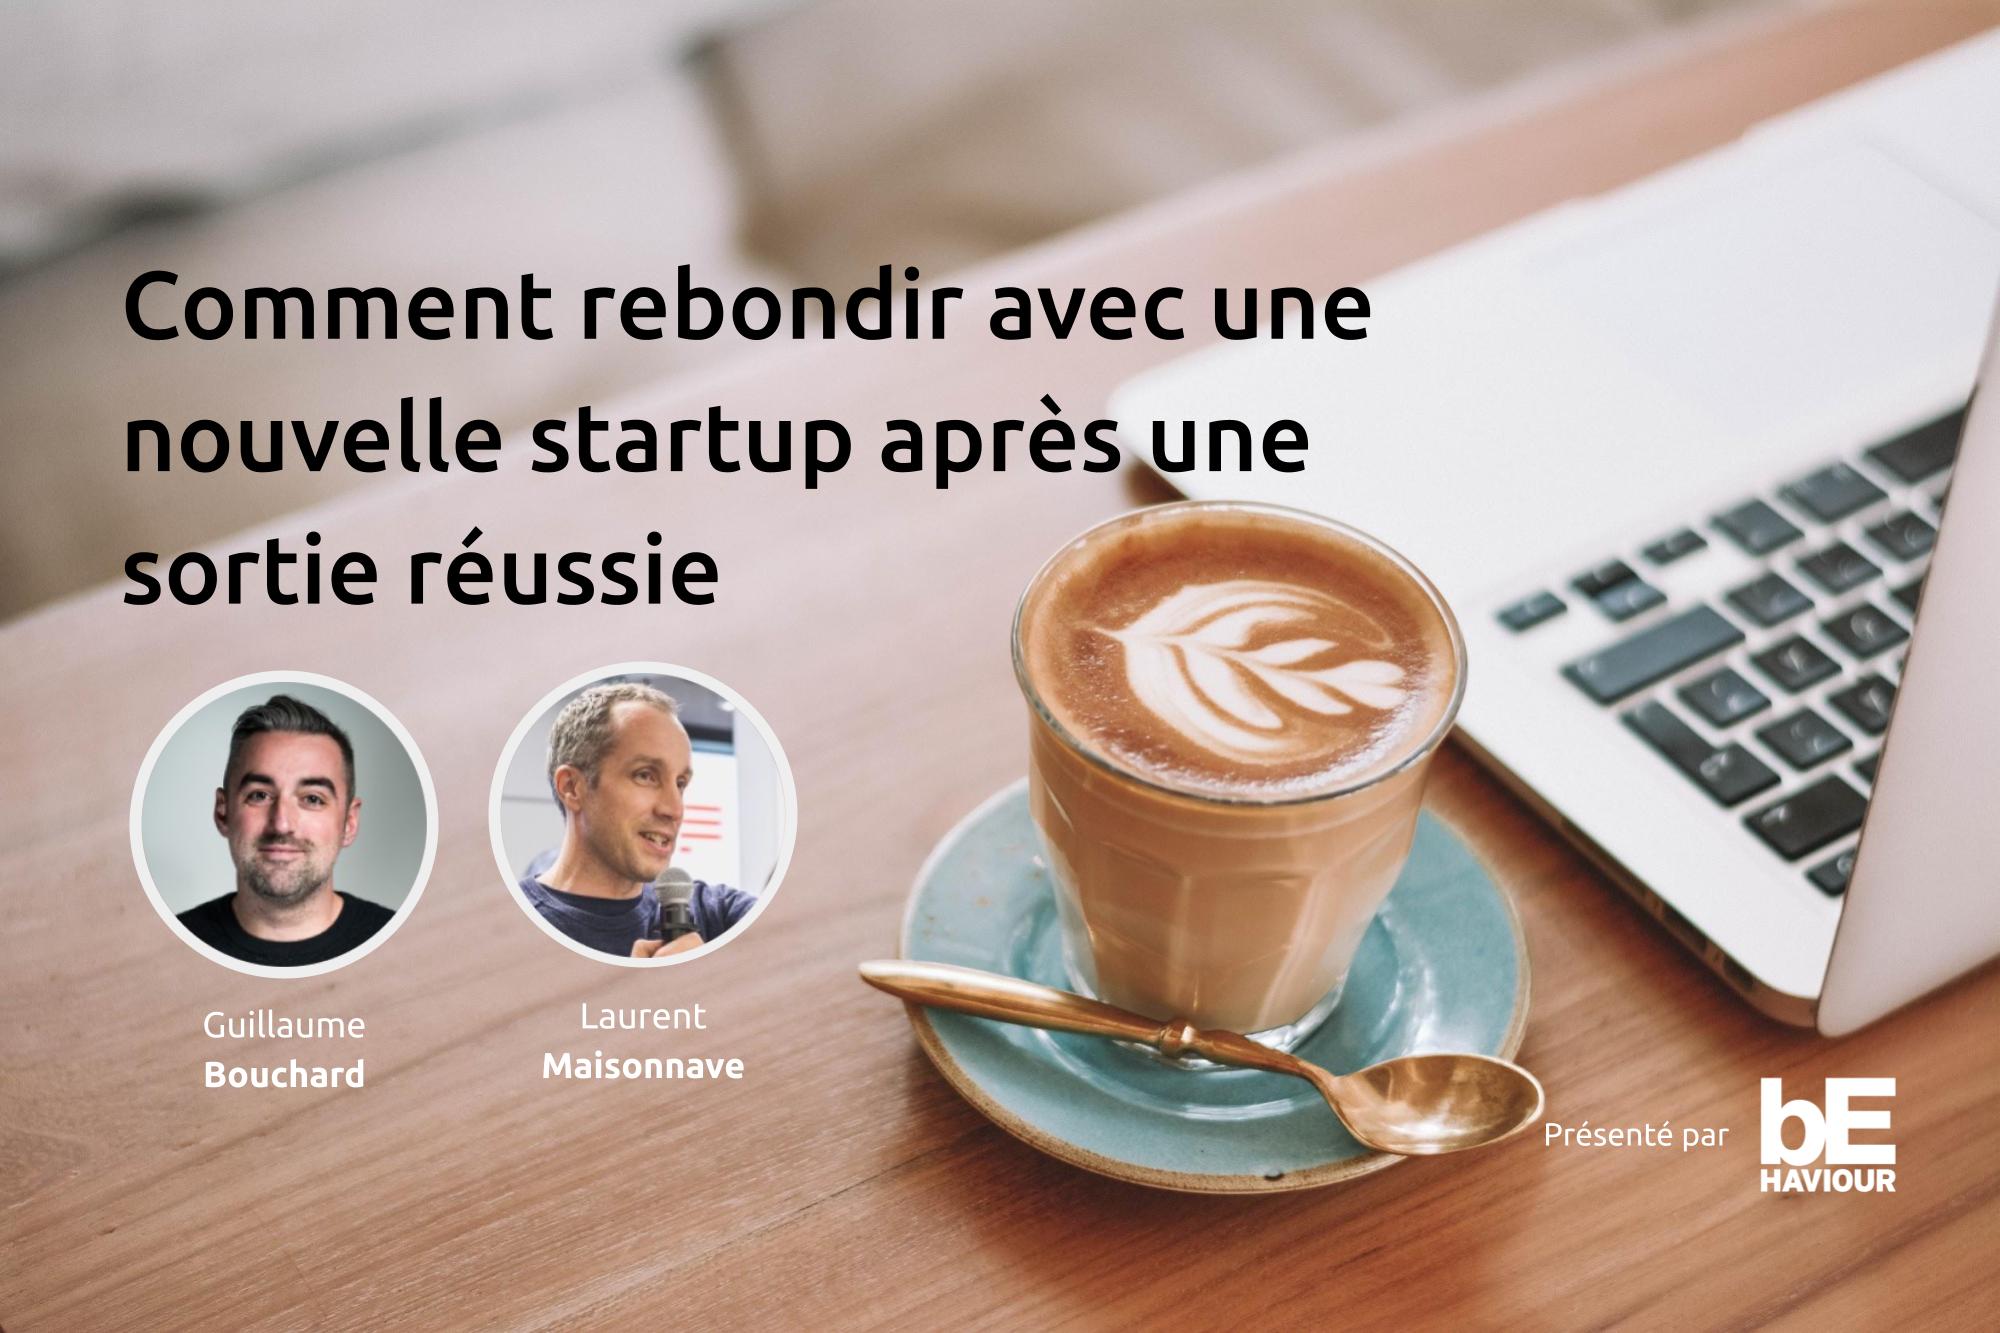 Guillaume Bouchard explique comment rebondir avec une nouvelle startup après une sortie réussie